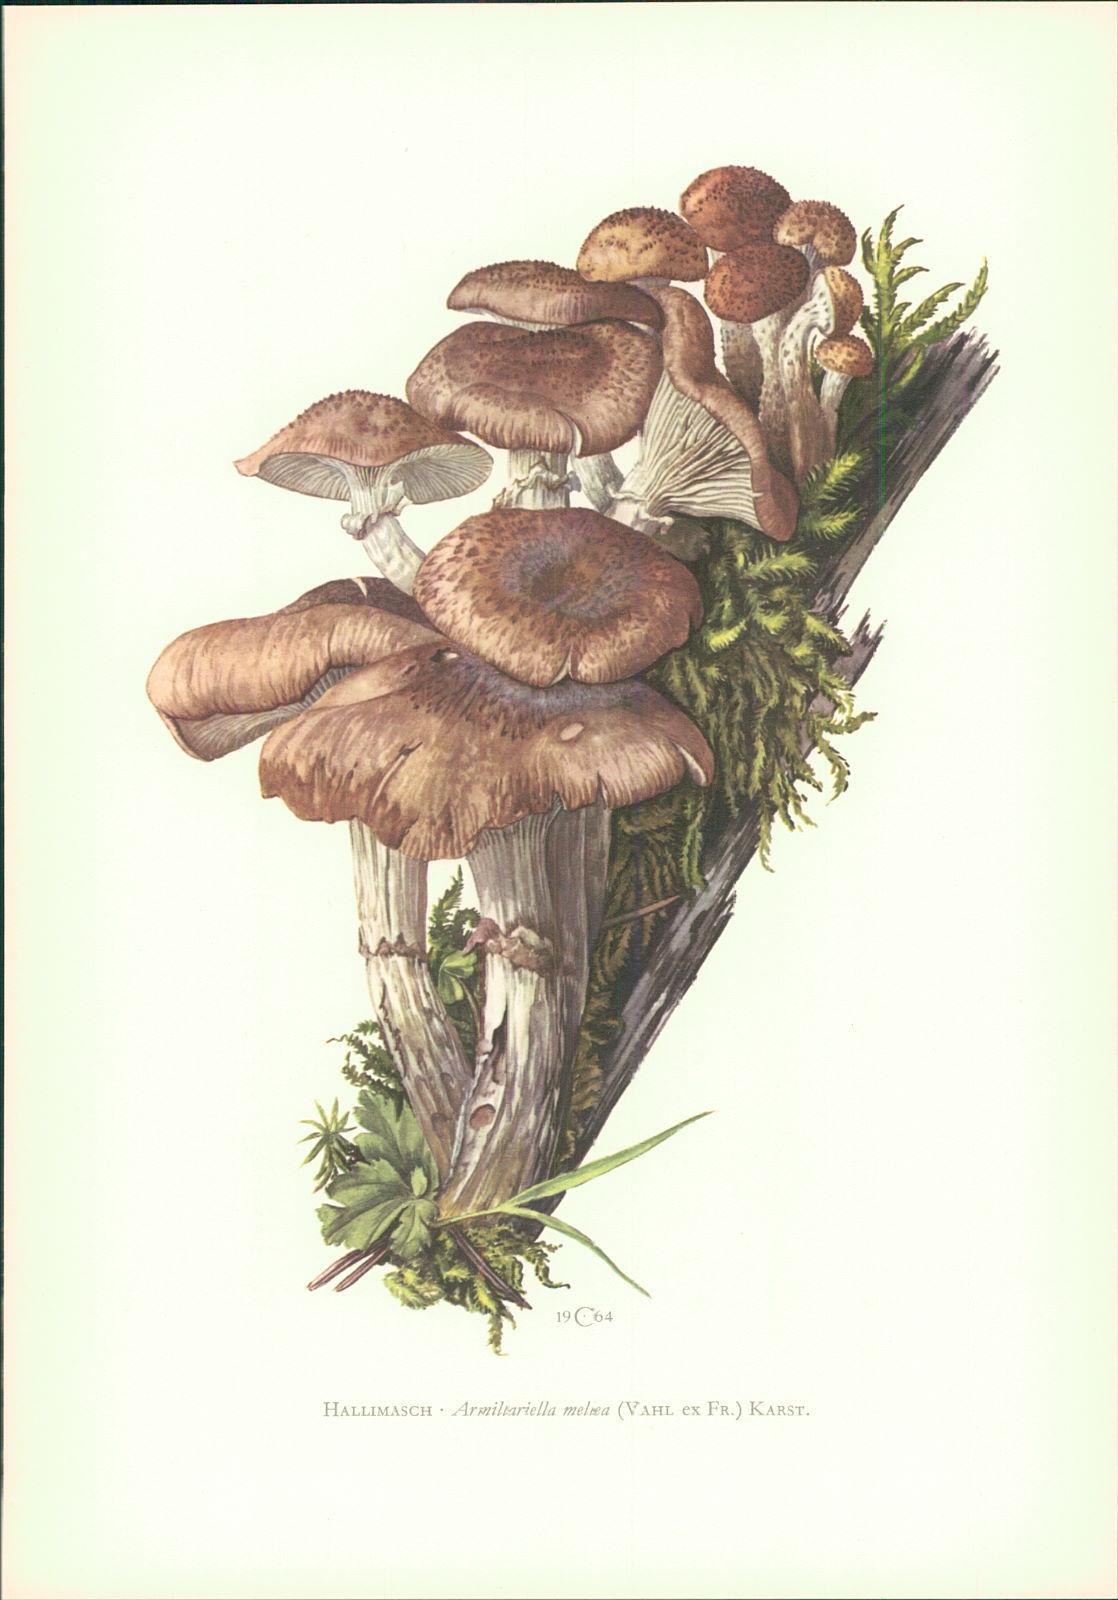 Pilze - Claus Caspari : Hallimasch • Armillariella mellea (Vahl ex Fr.) Karst. Offset-Lithographie von C. Caspari.